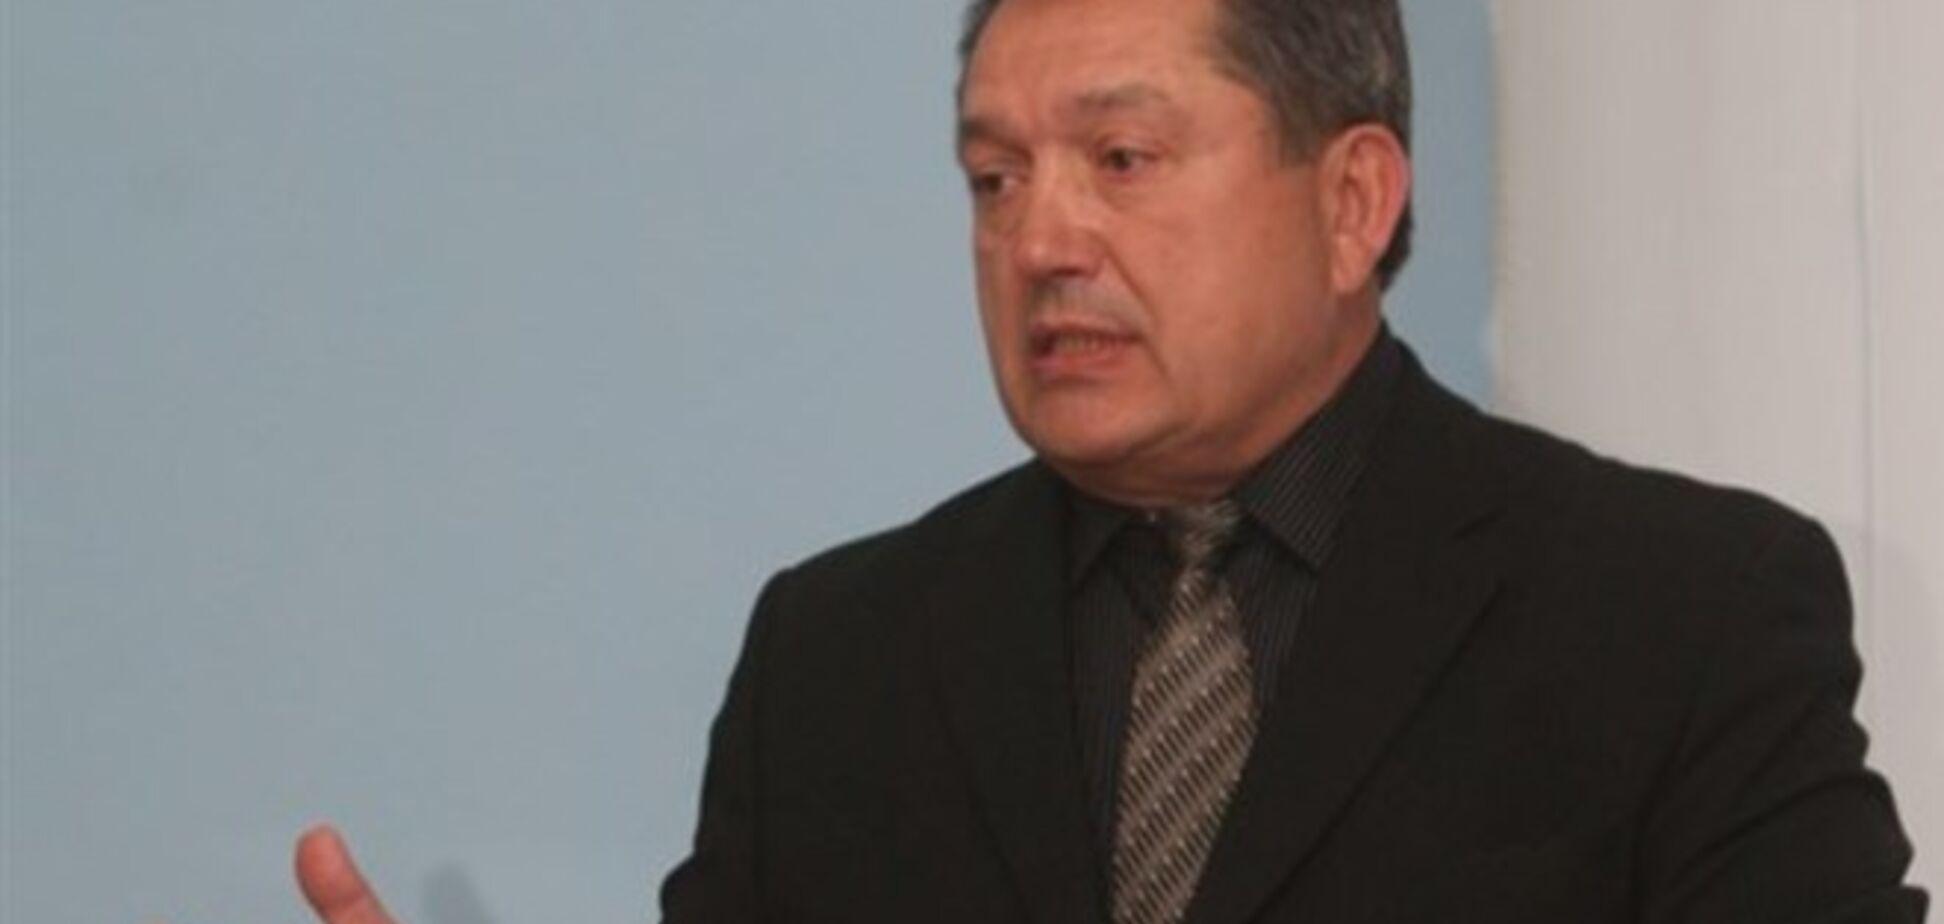 Гендиректор 'Артемвугілля' госпіталізований з переломом щелепи після побиття терористами